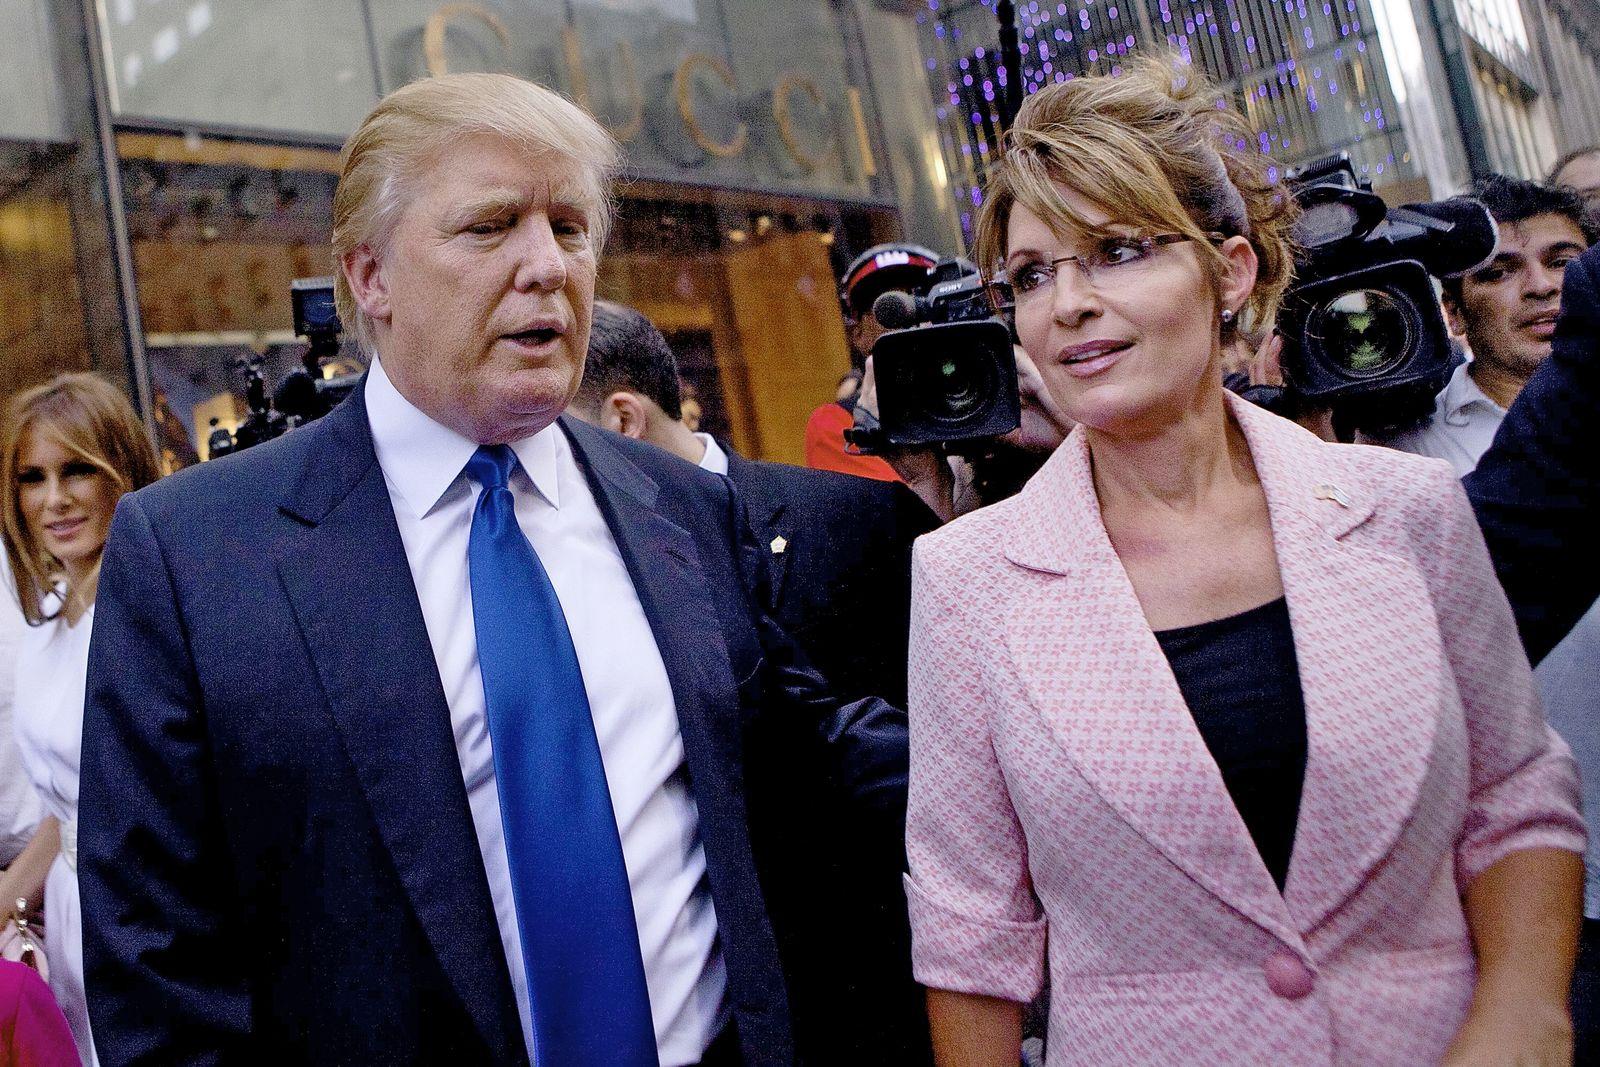 Sarah Palin / Donald Trump